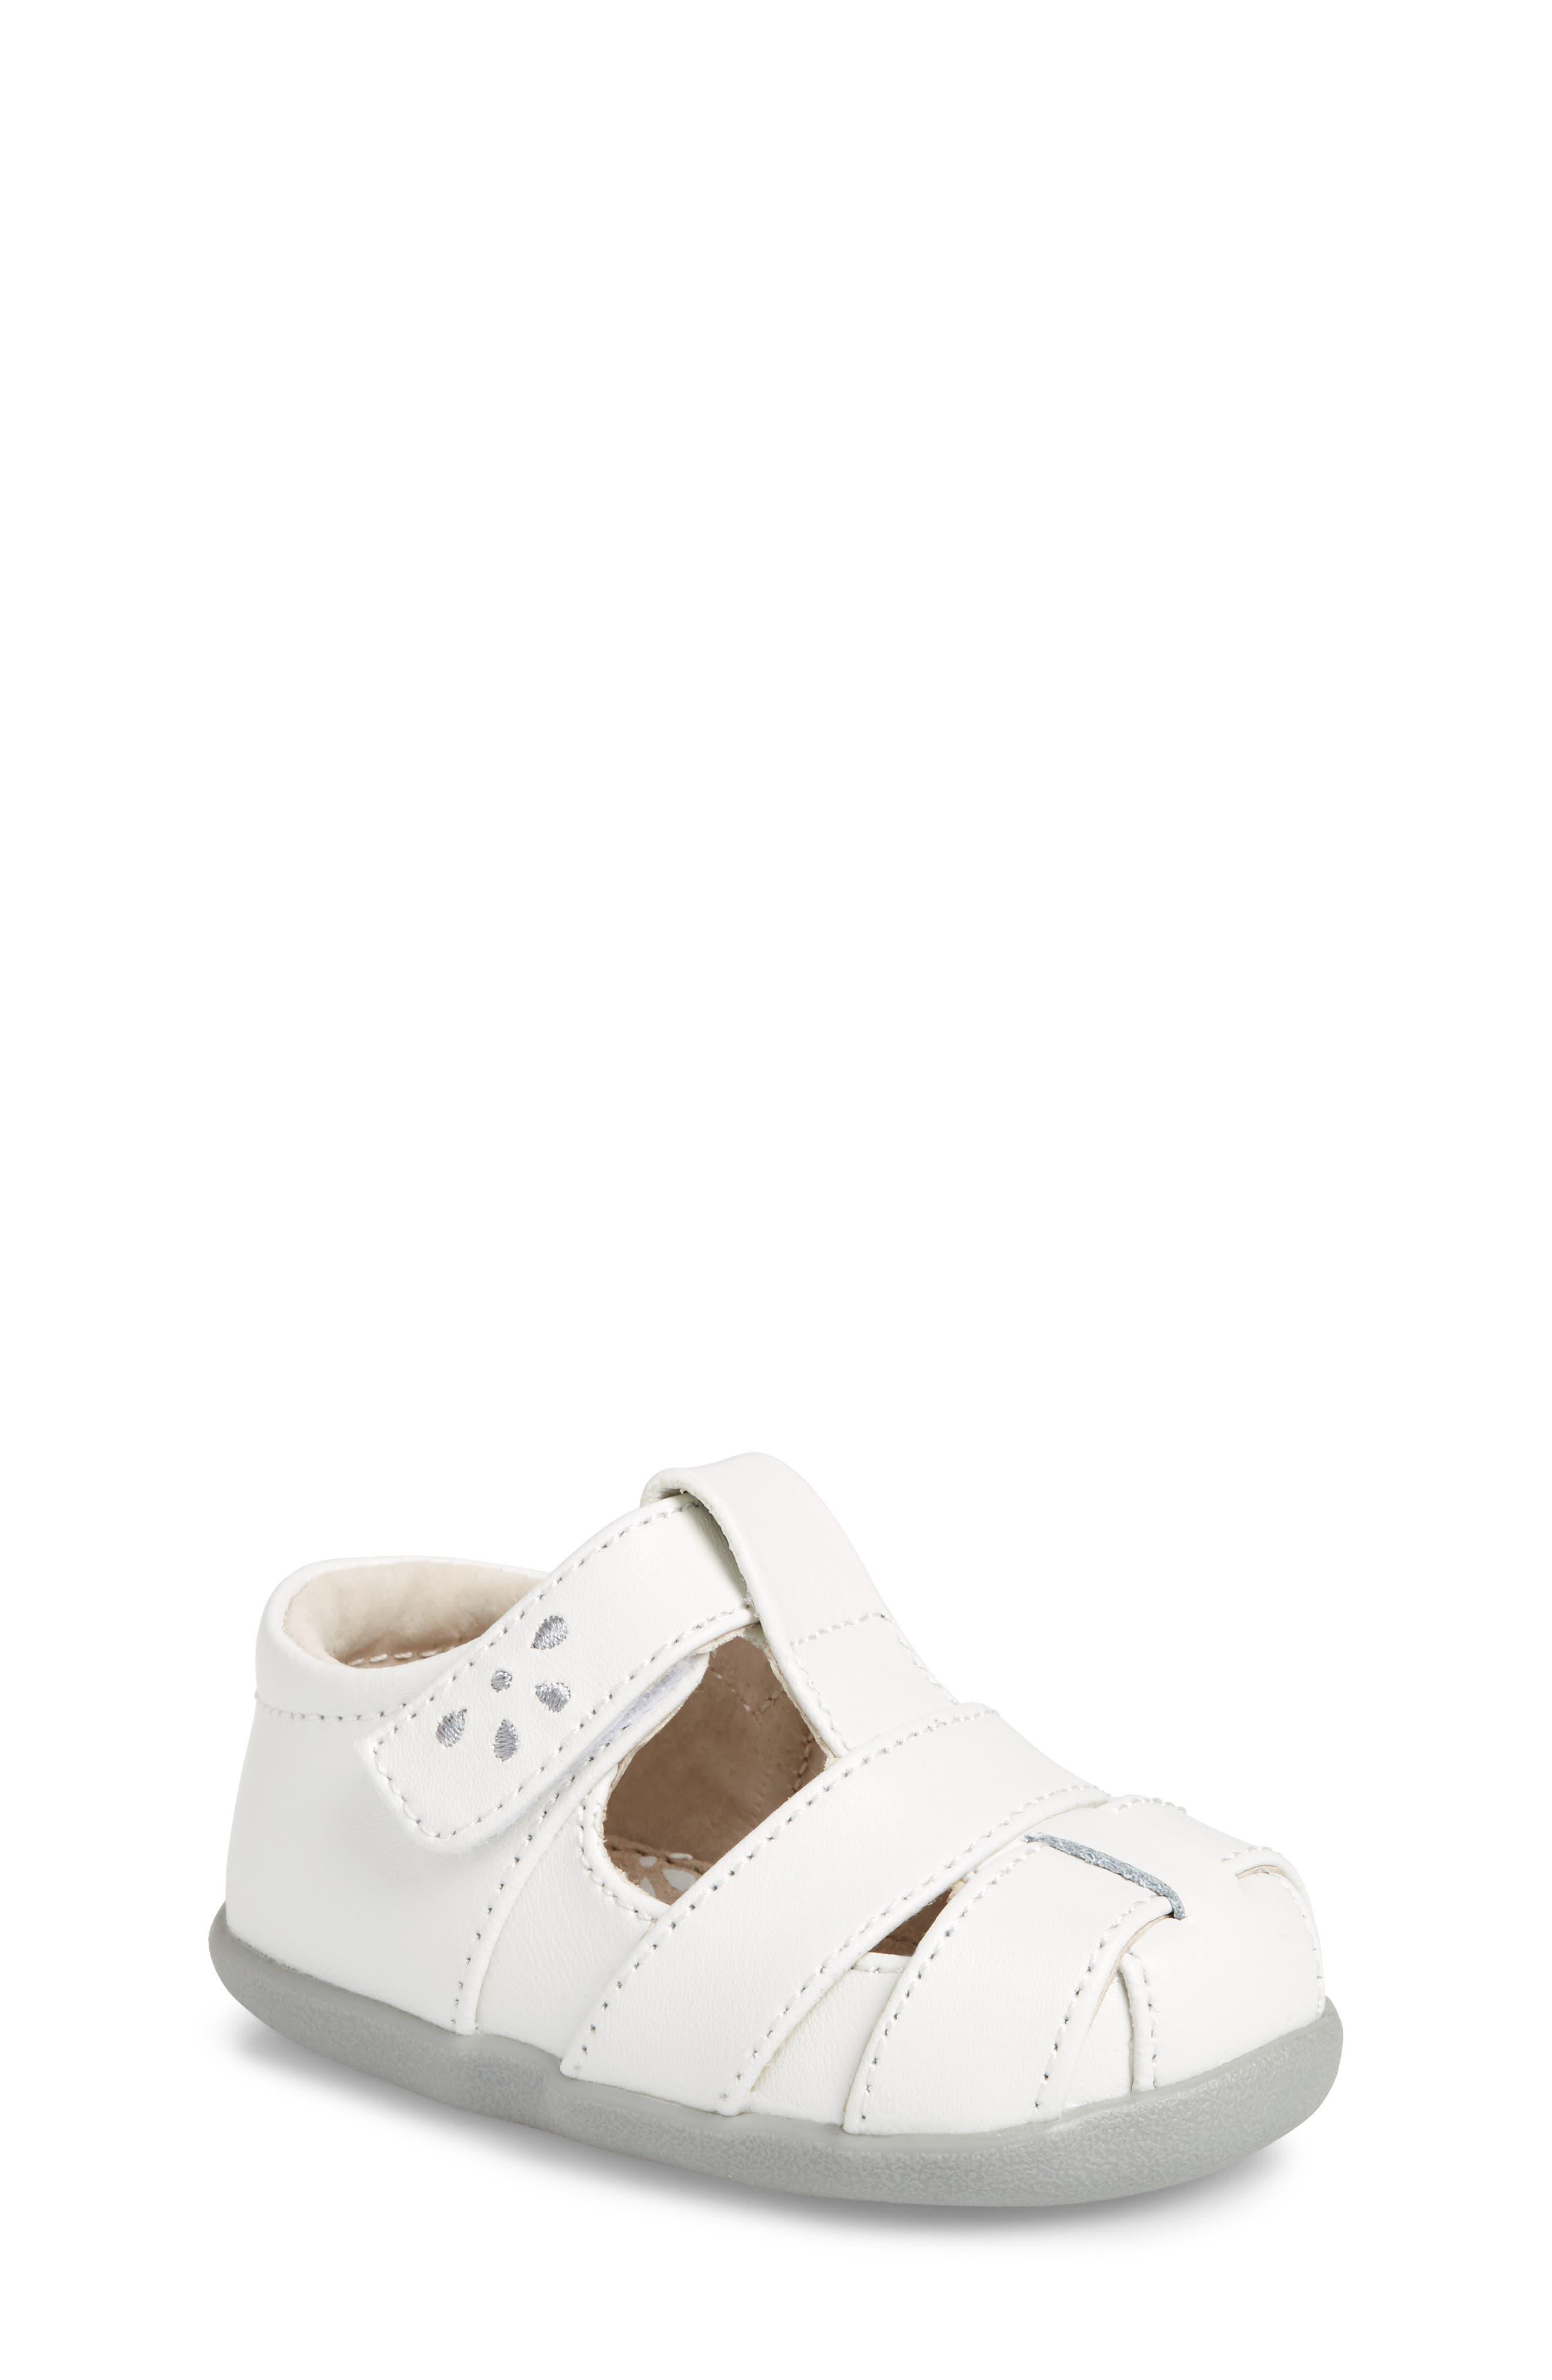 a0efe7384 Baby, Walker & Toddler Shoes | Nordstrom